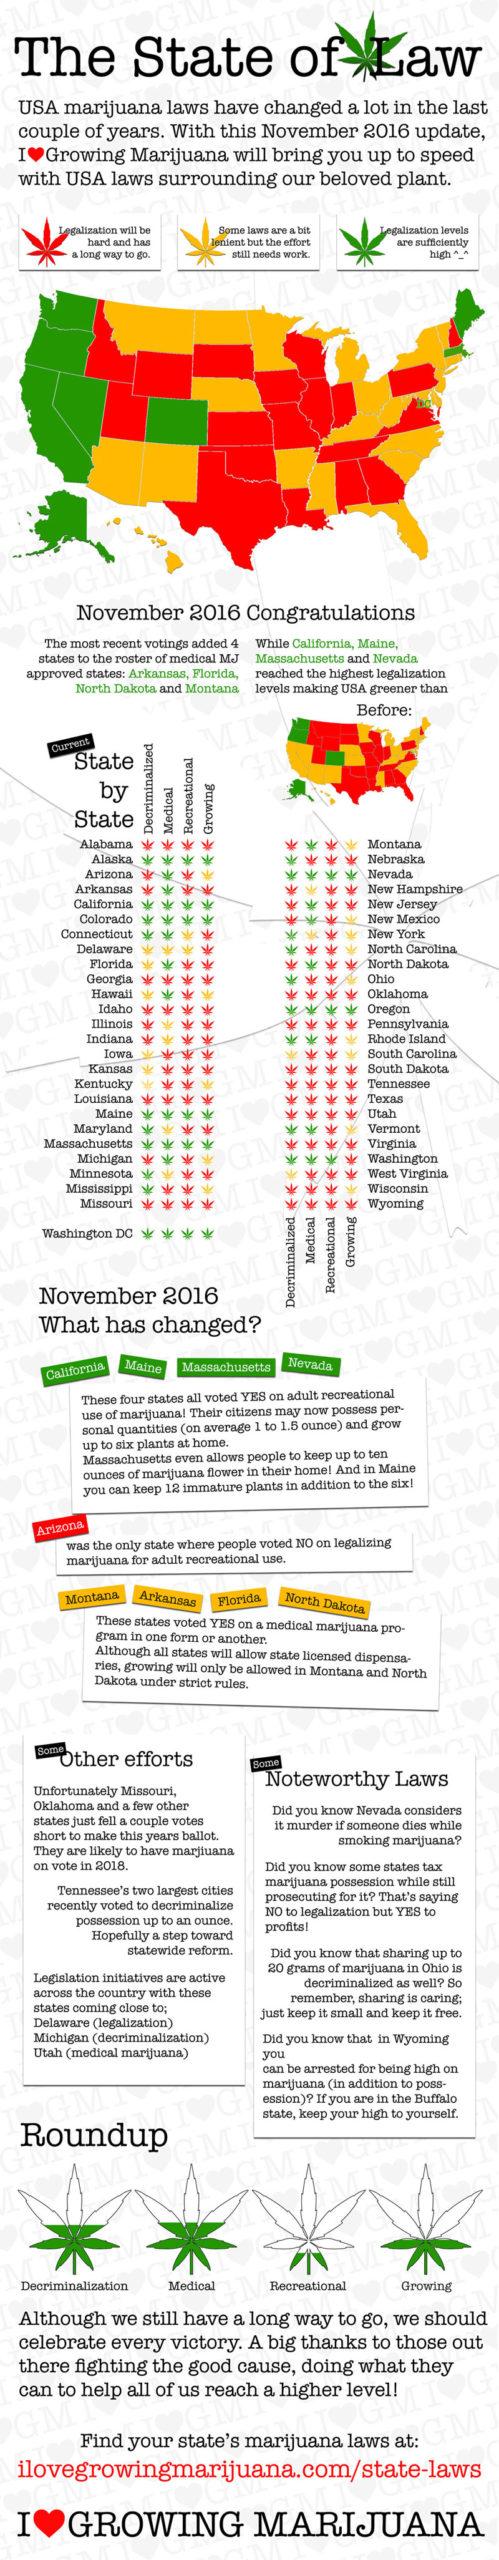 marijuana law us infographic